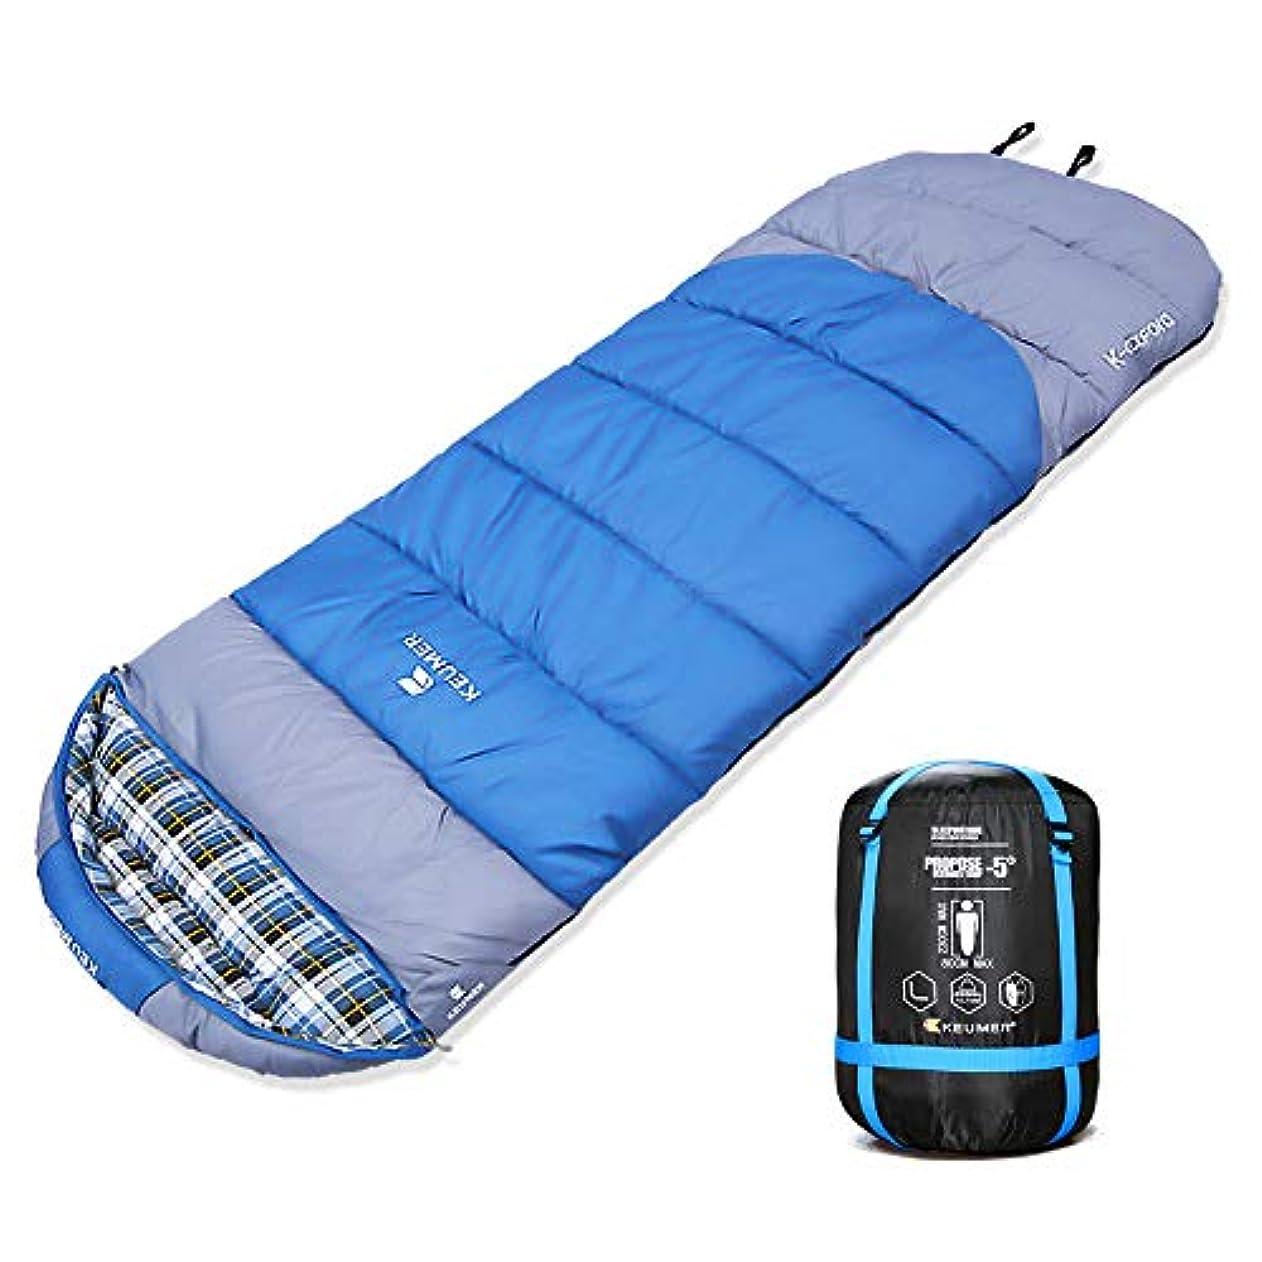 規定選ぶ強制ZOMAKE寝袋 シュラフ コンパクト スリーピングバッグ 軽量 封筒型 収納袋付き 最低使用温度2度 登山 車中泊 防災用 災害時 避難用